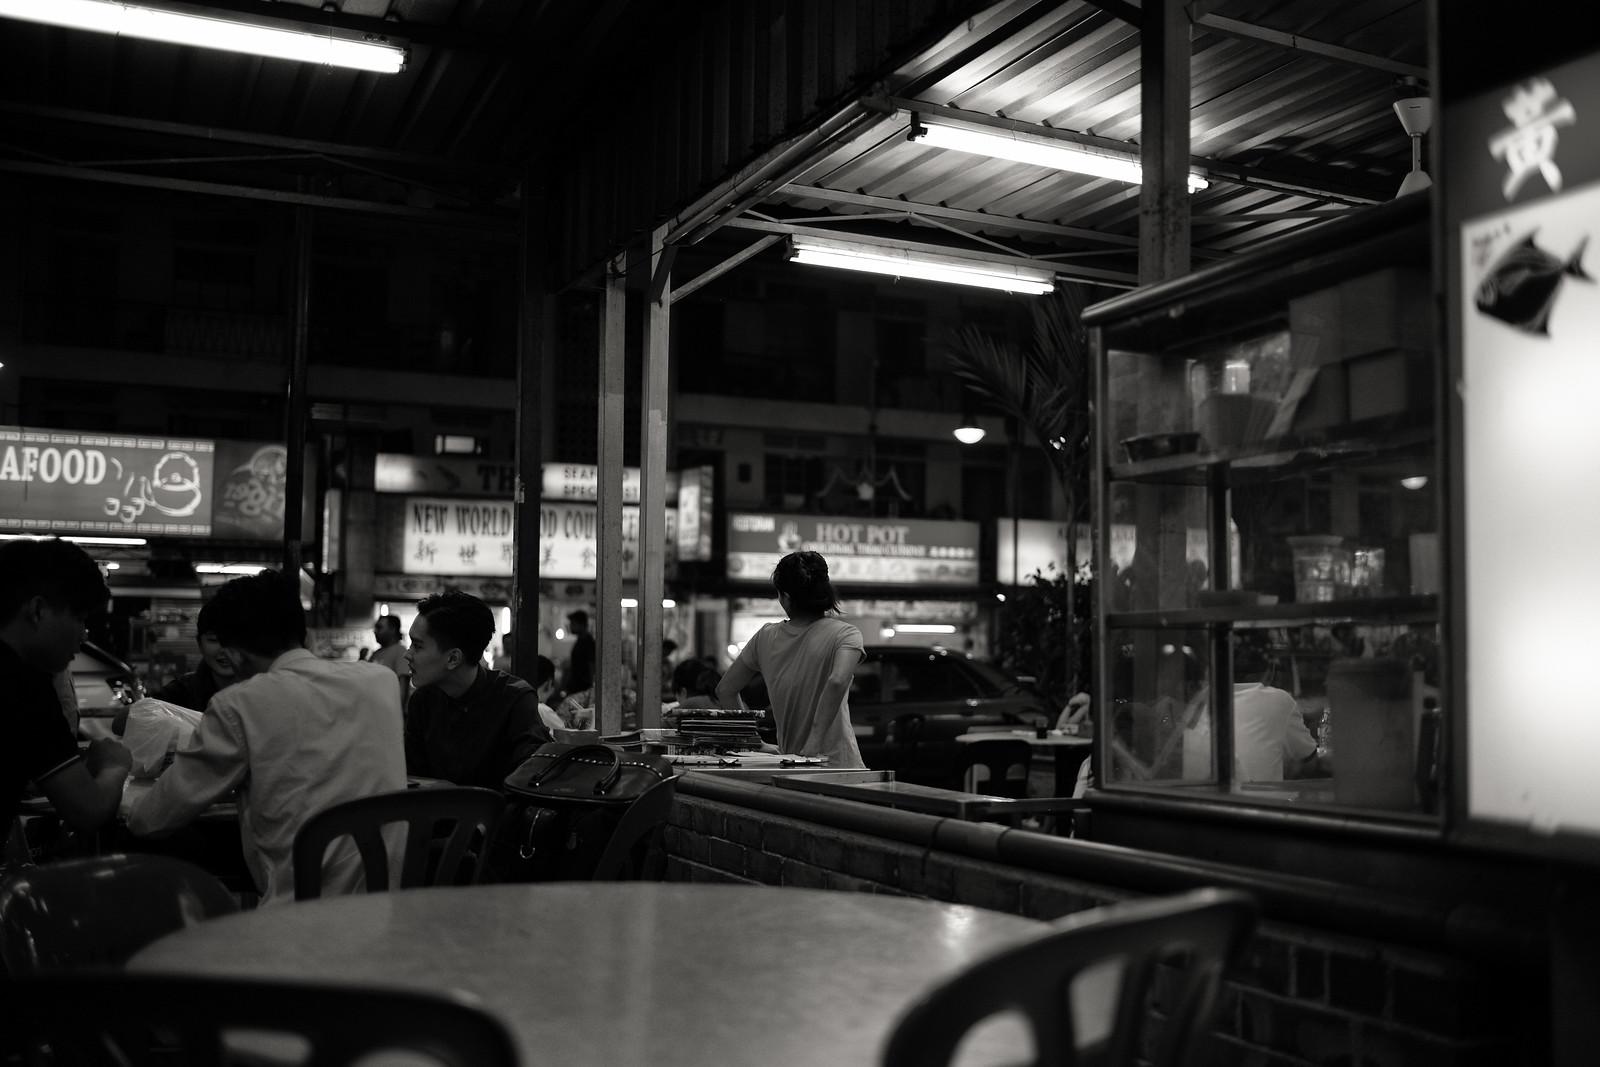 [Loc] Malaysia [Scn] Streets, Architects [Fmt] Digital [Col] B&W [Bdy] Leica M Typ240 [Lns] Leica Summilux 35mm f1.4 ASPH. (FLE)